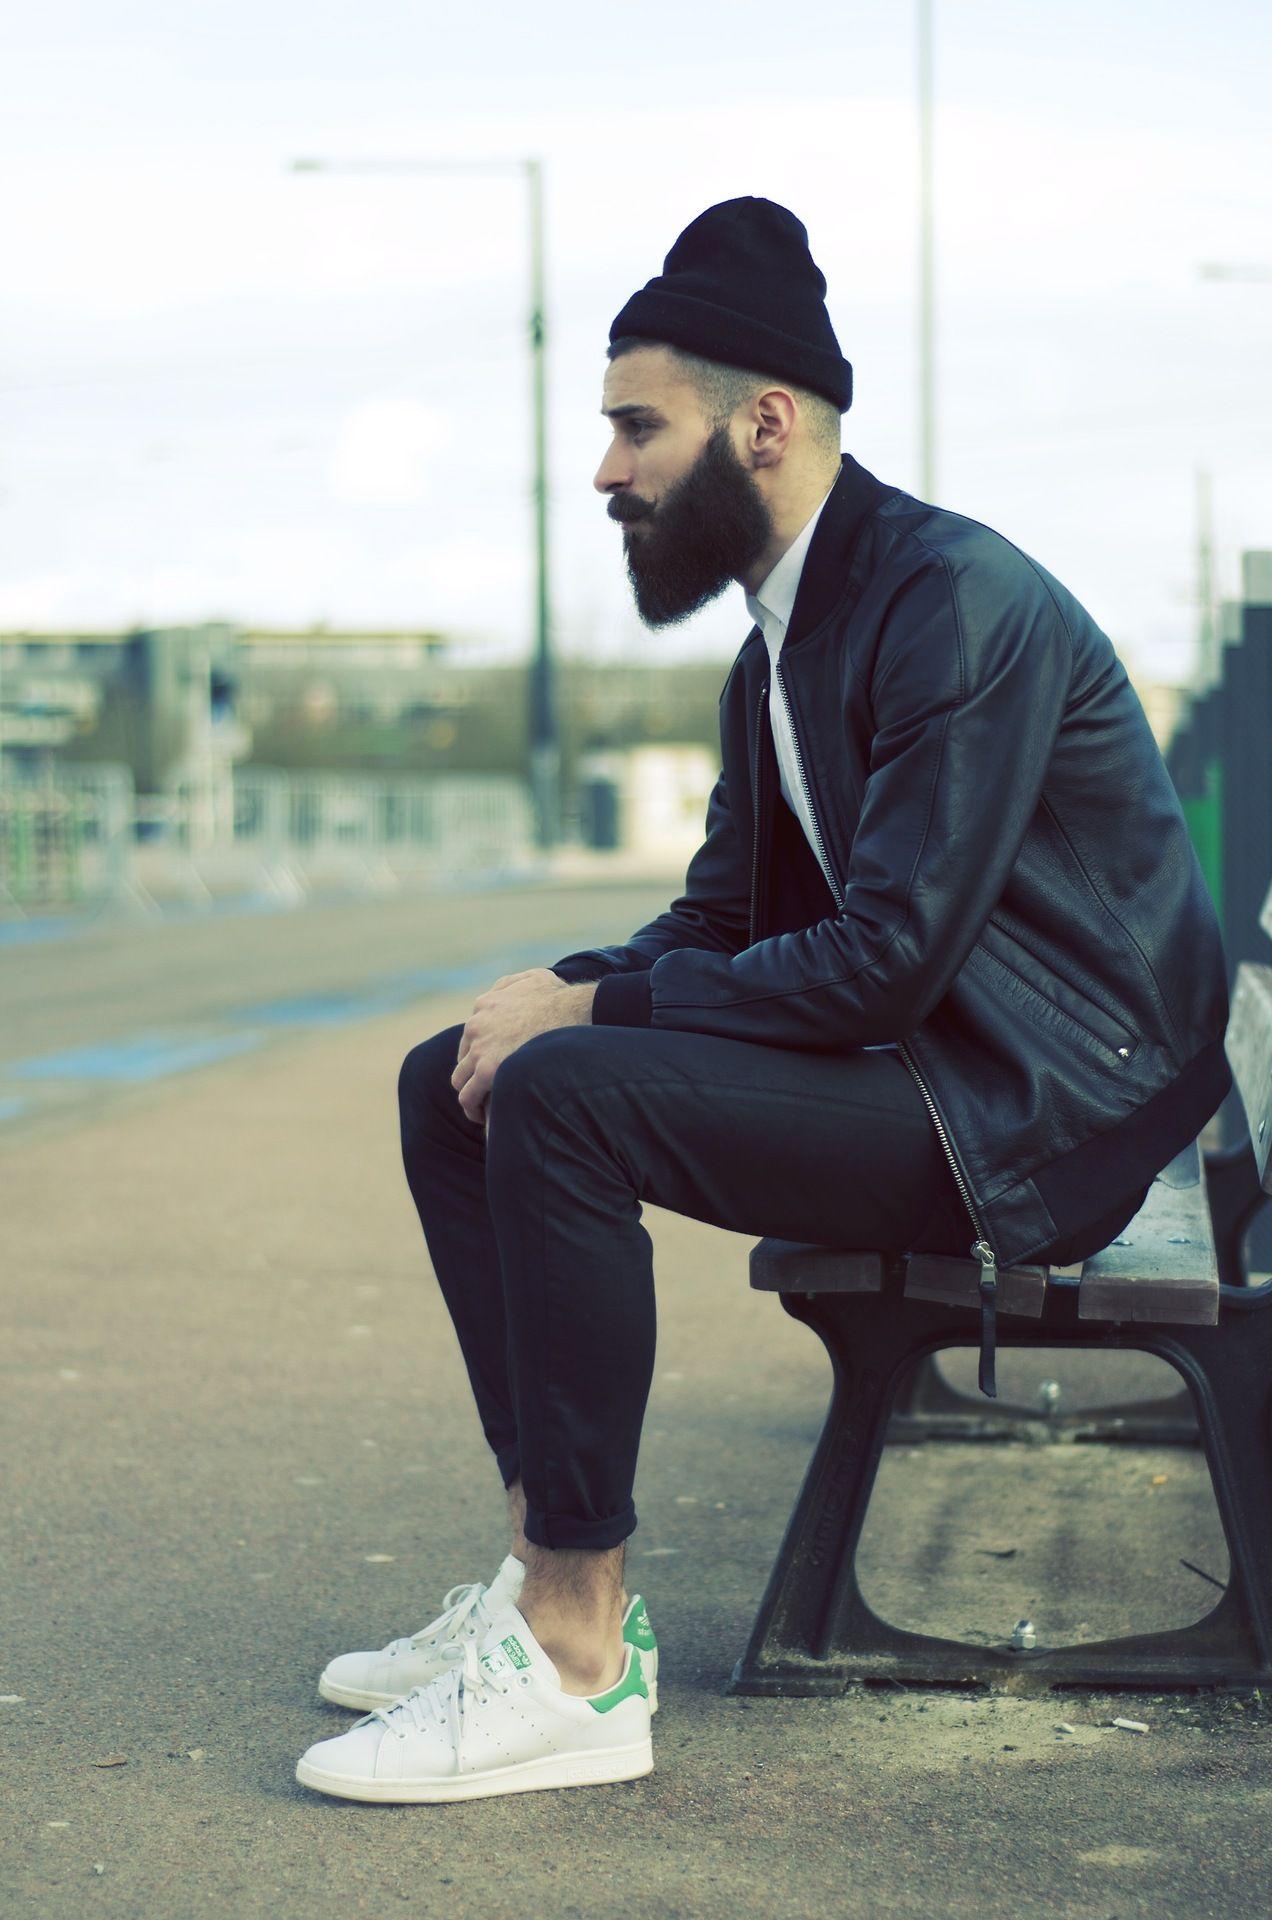 manguera exagerar Disminución  I Spy... Men's Style | Stan smith outfit, Adidas stan smith outfit, Adidas  stan smith men